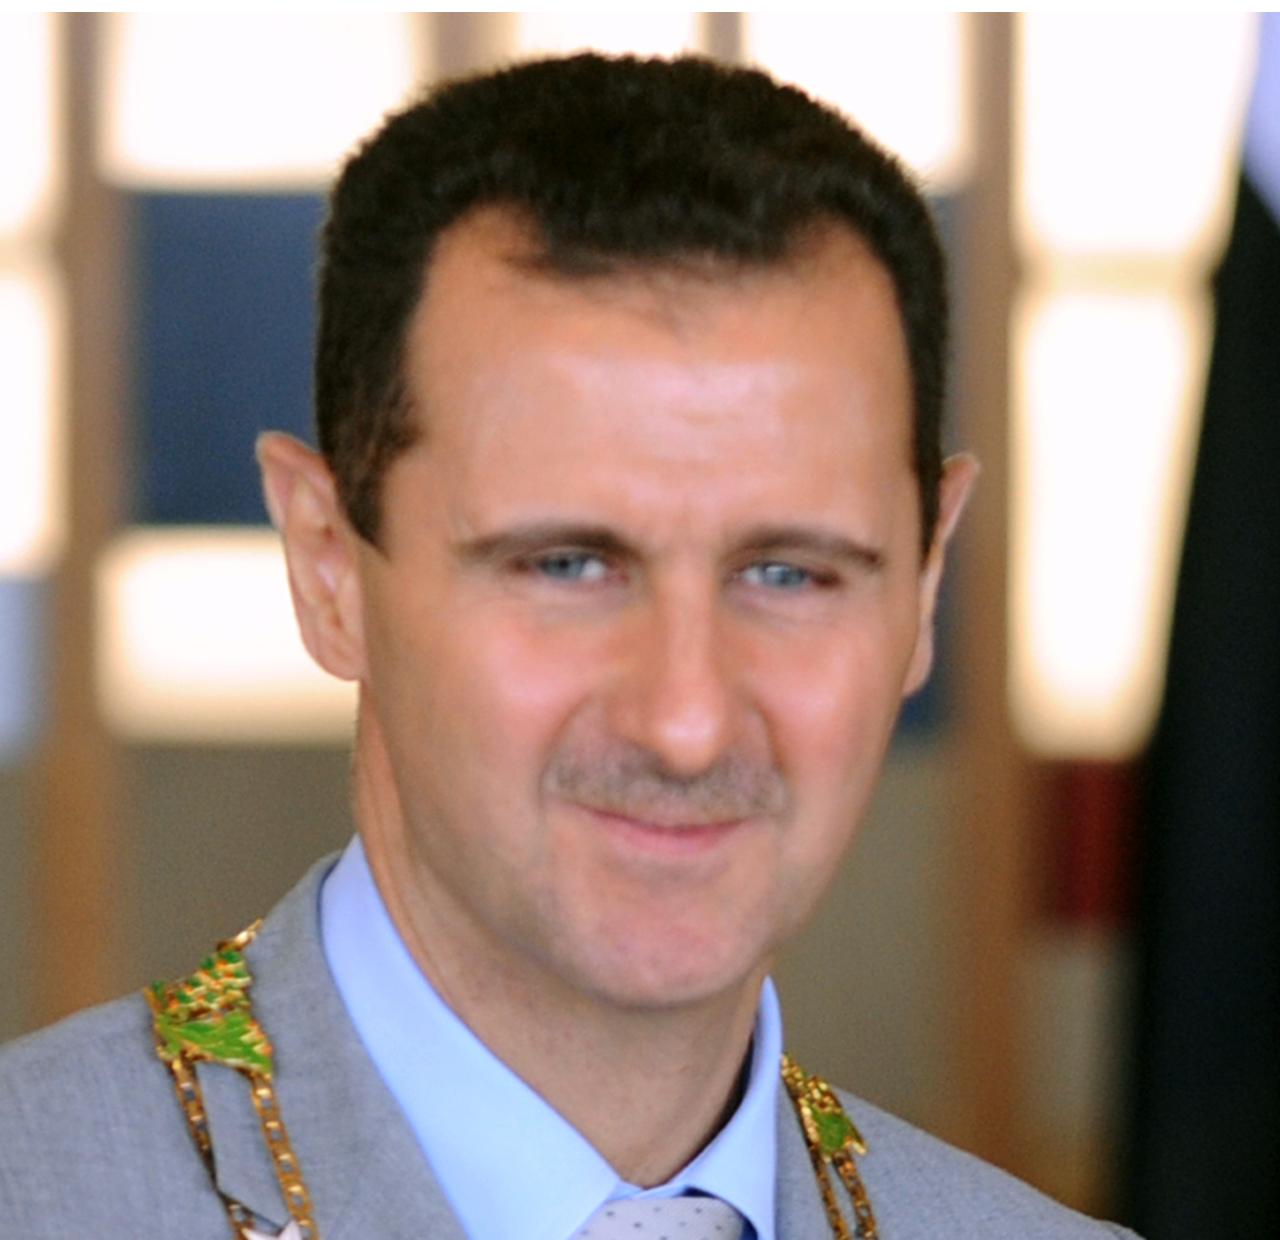 <b>Bachar el-Assad</b> <b>...</b> - Bachar-el-assad